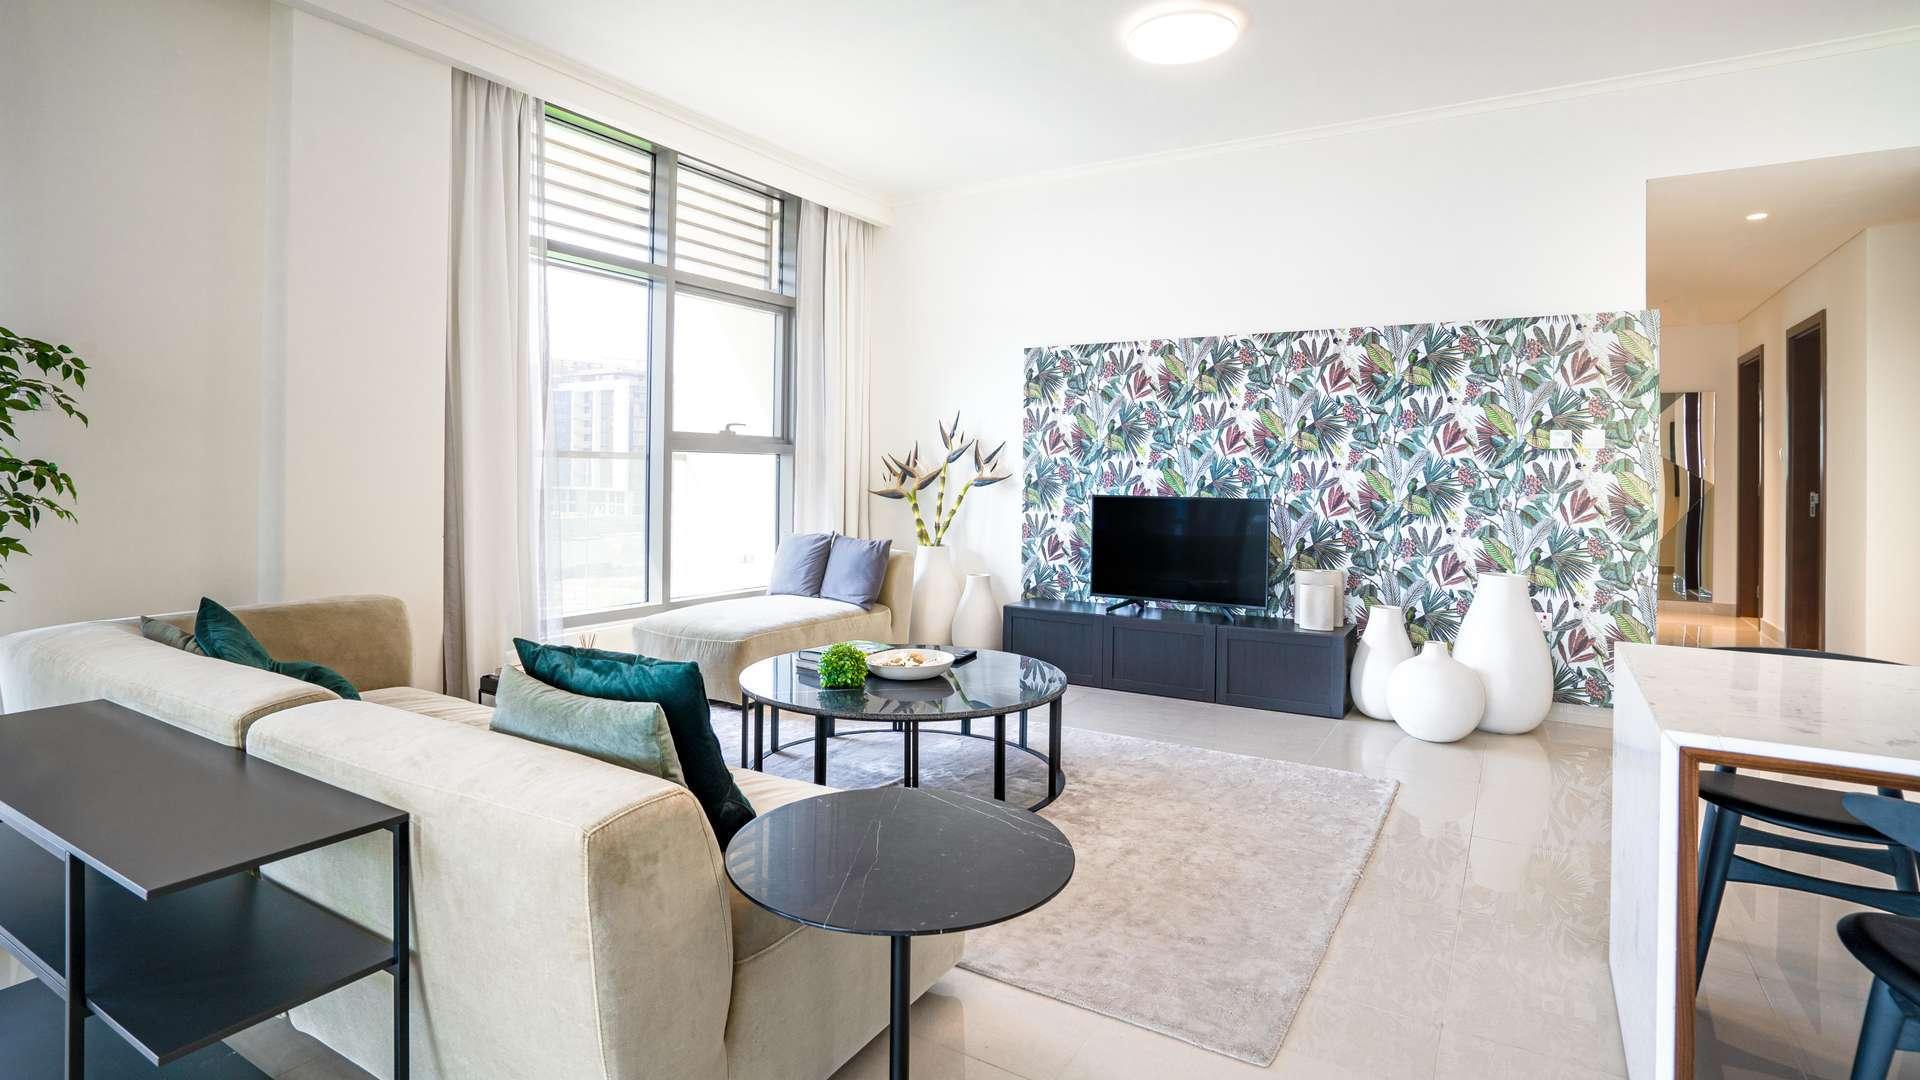 Apartamento en venta en Dubai, EAU, 1 dormitorio, 67 m2, № 24277 – foto 1